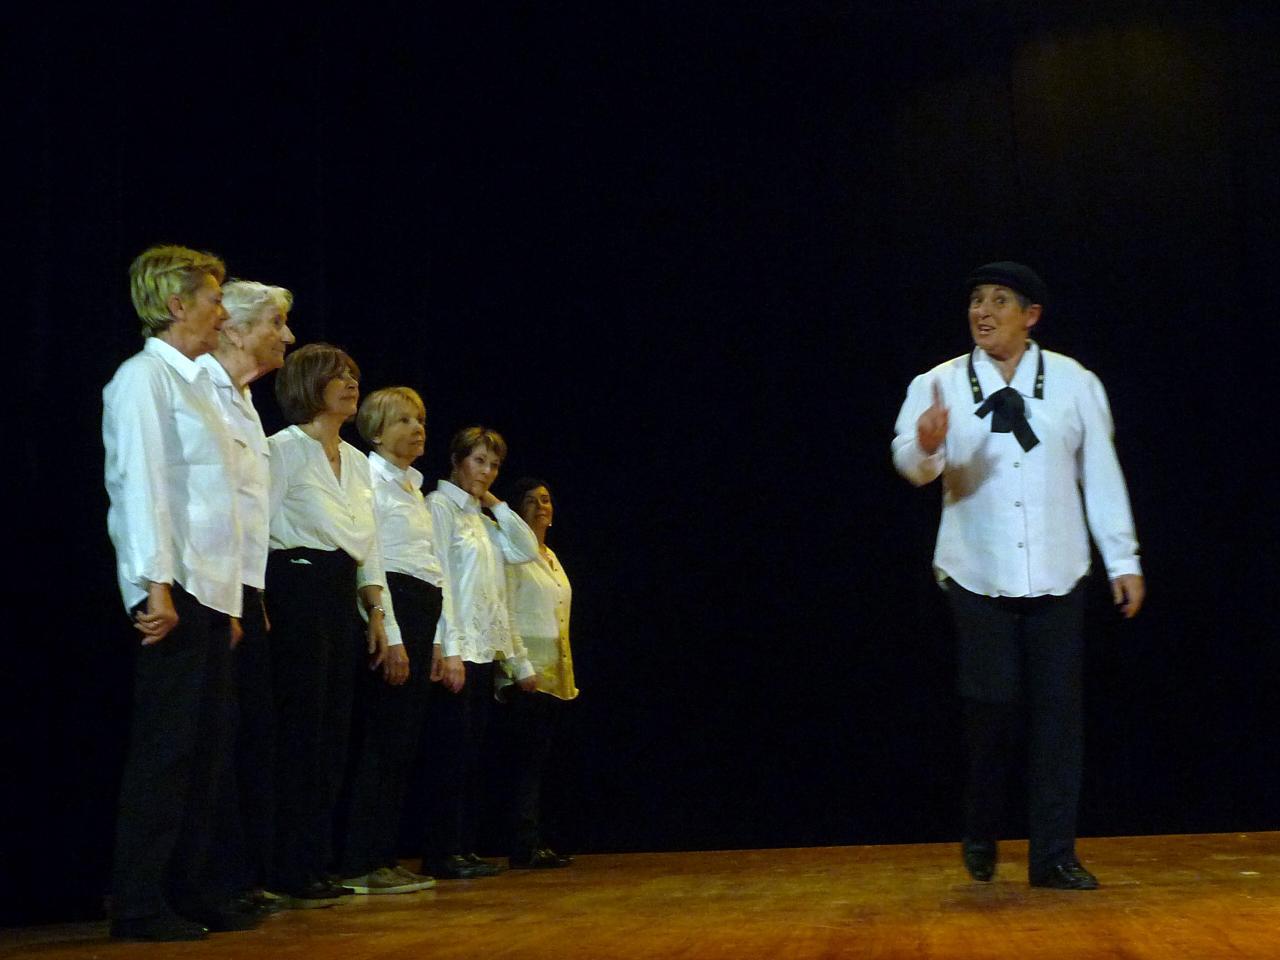 Le pt Théâtre fait son casting:Le final du casting